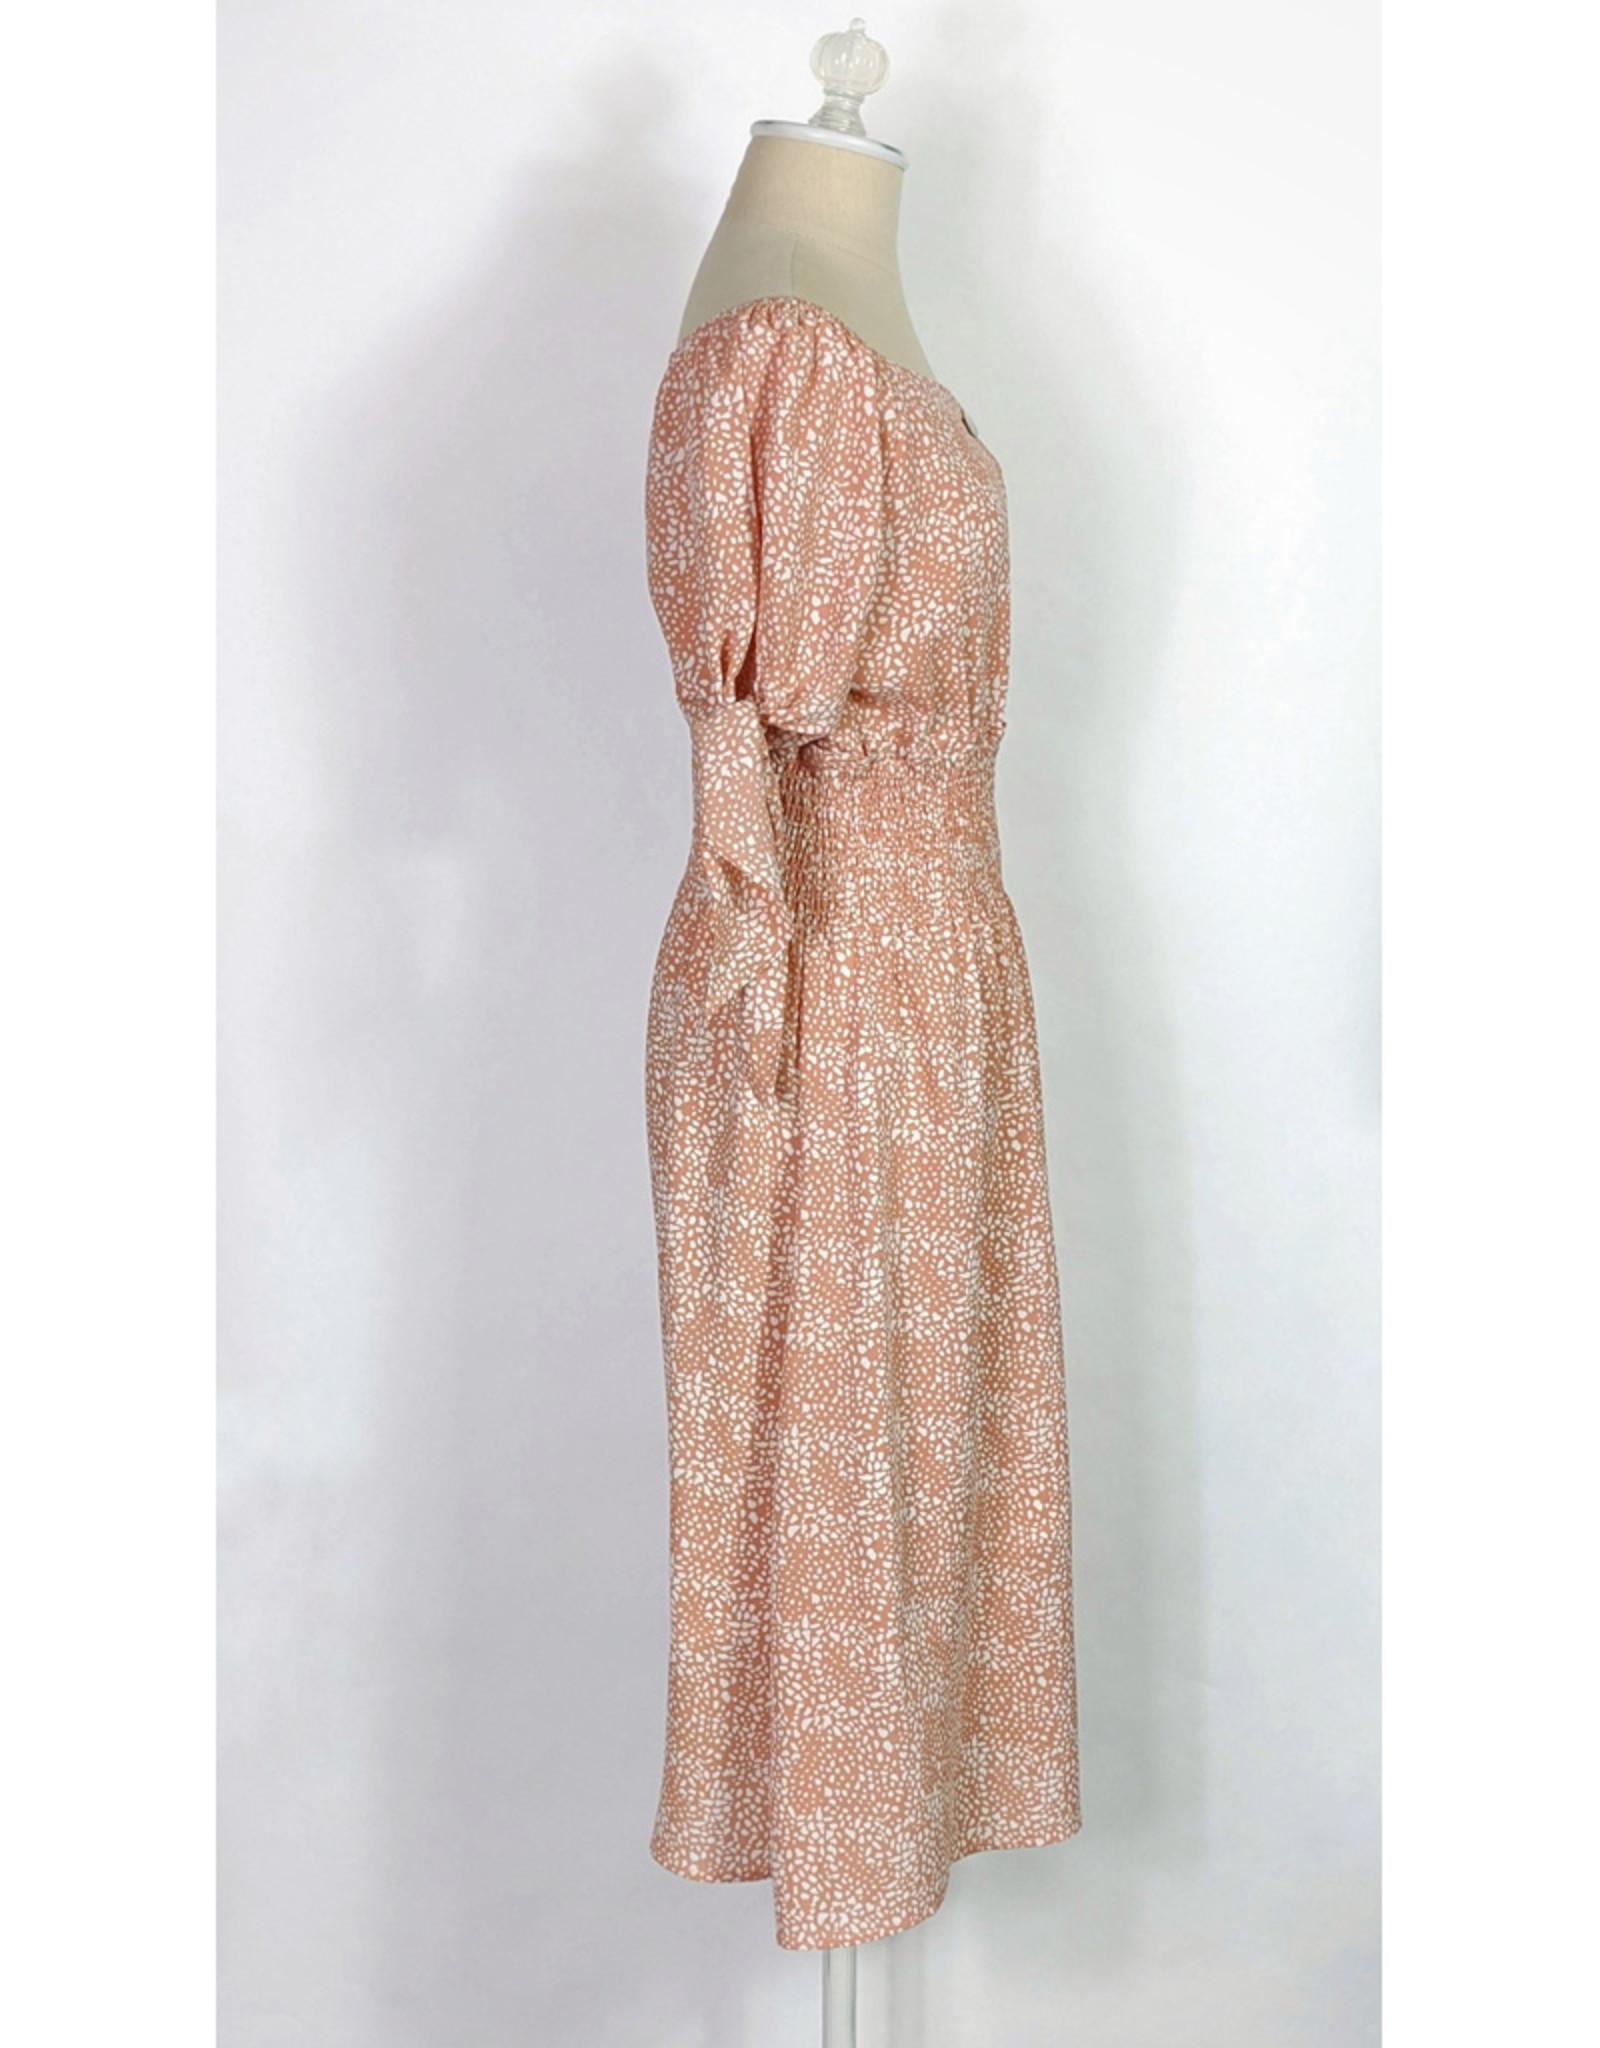 Pol Tangerine Print Off Shoulder Dress